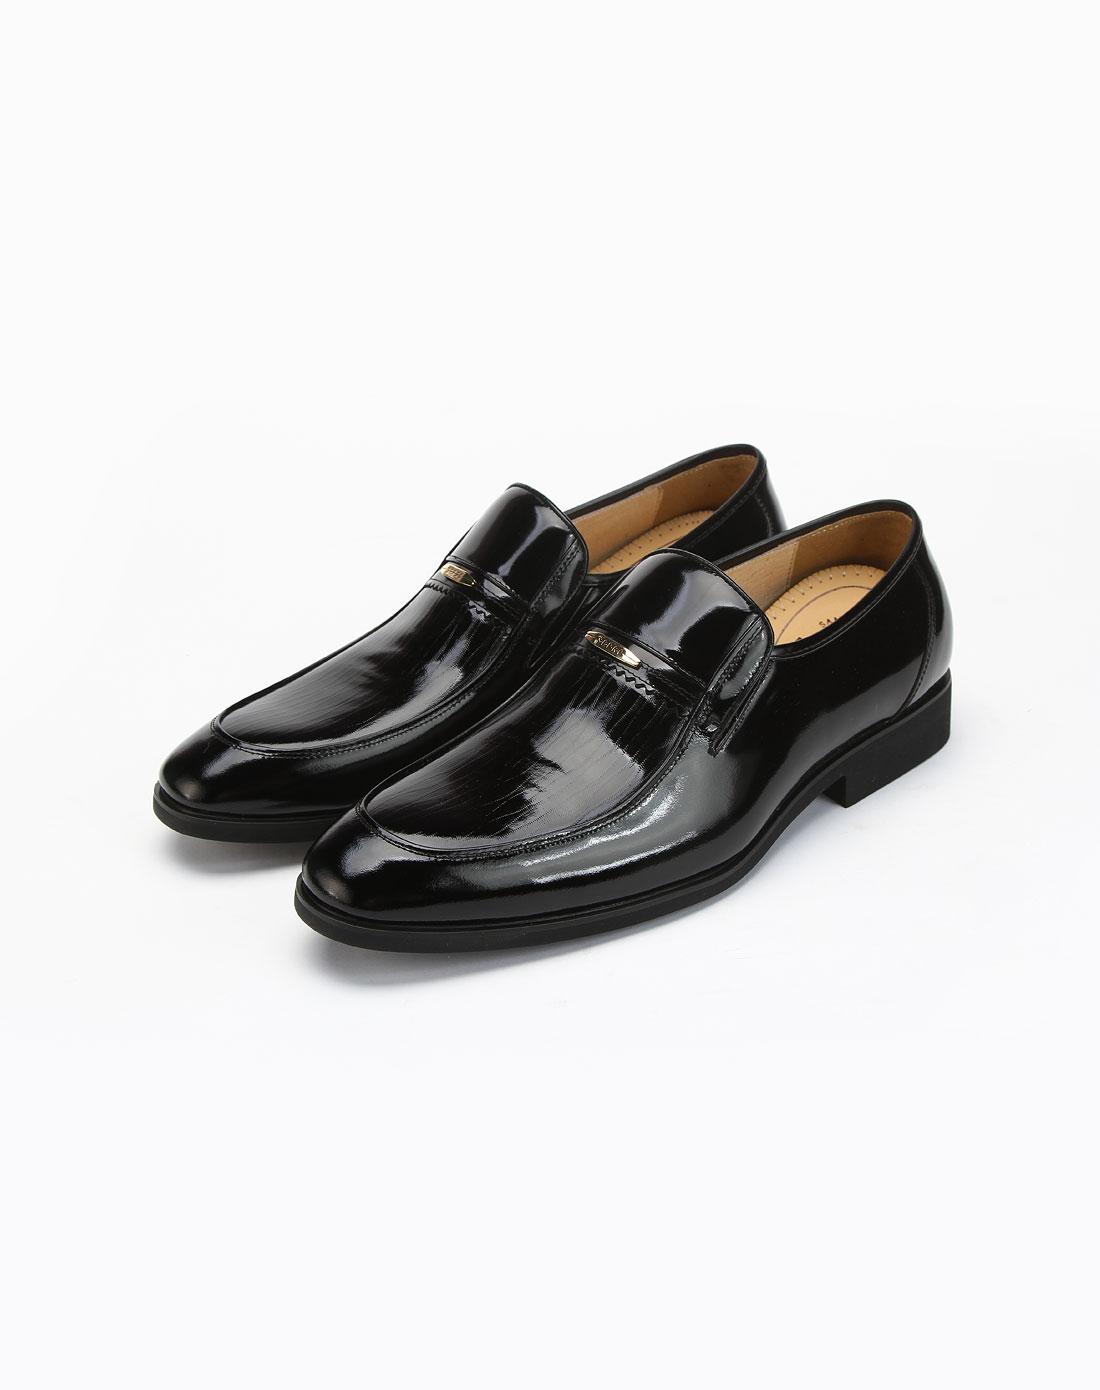 圣大保罗-男鞋黑色时尚商务休闲皮鞋